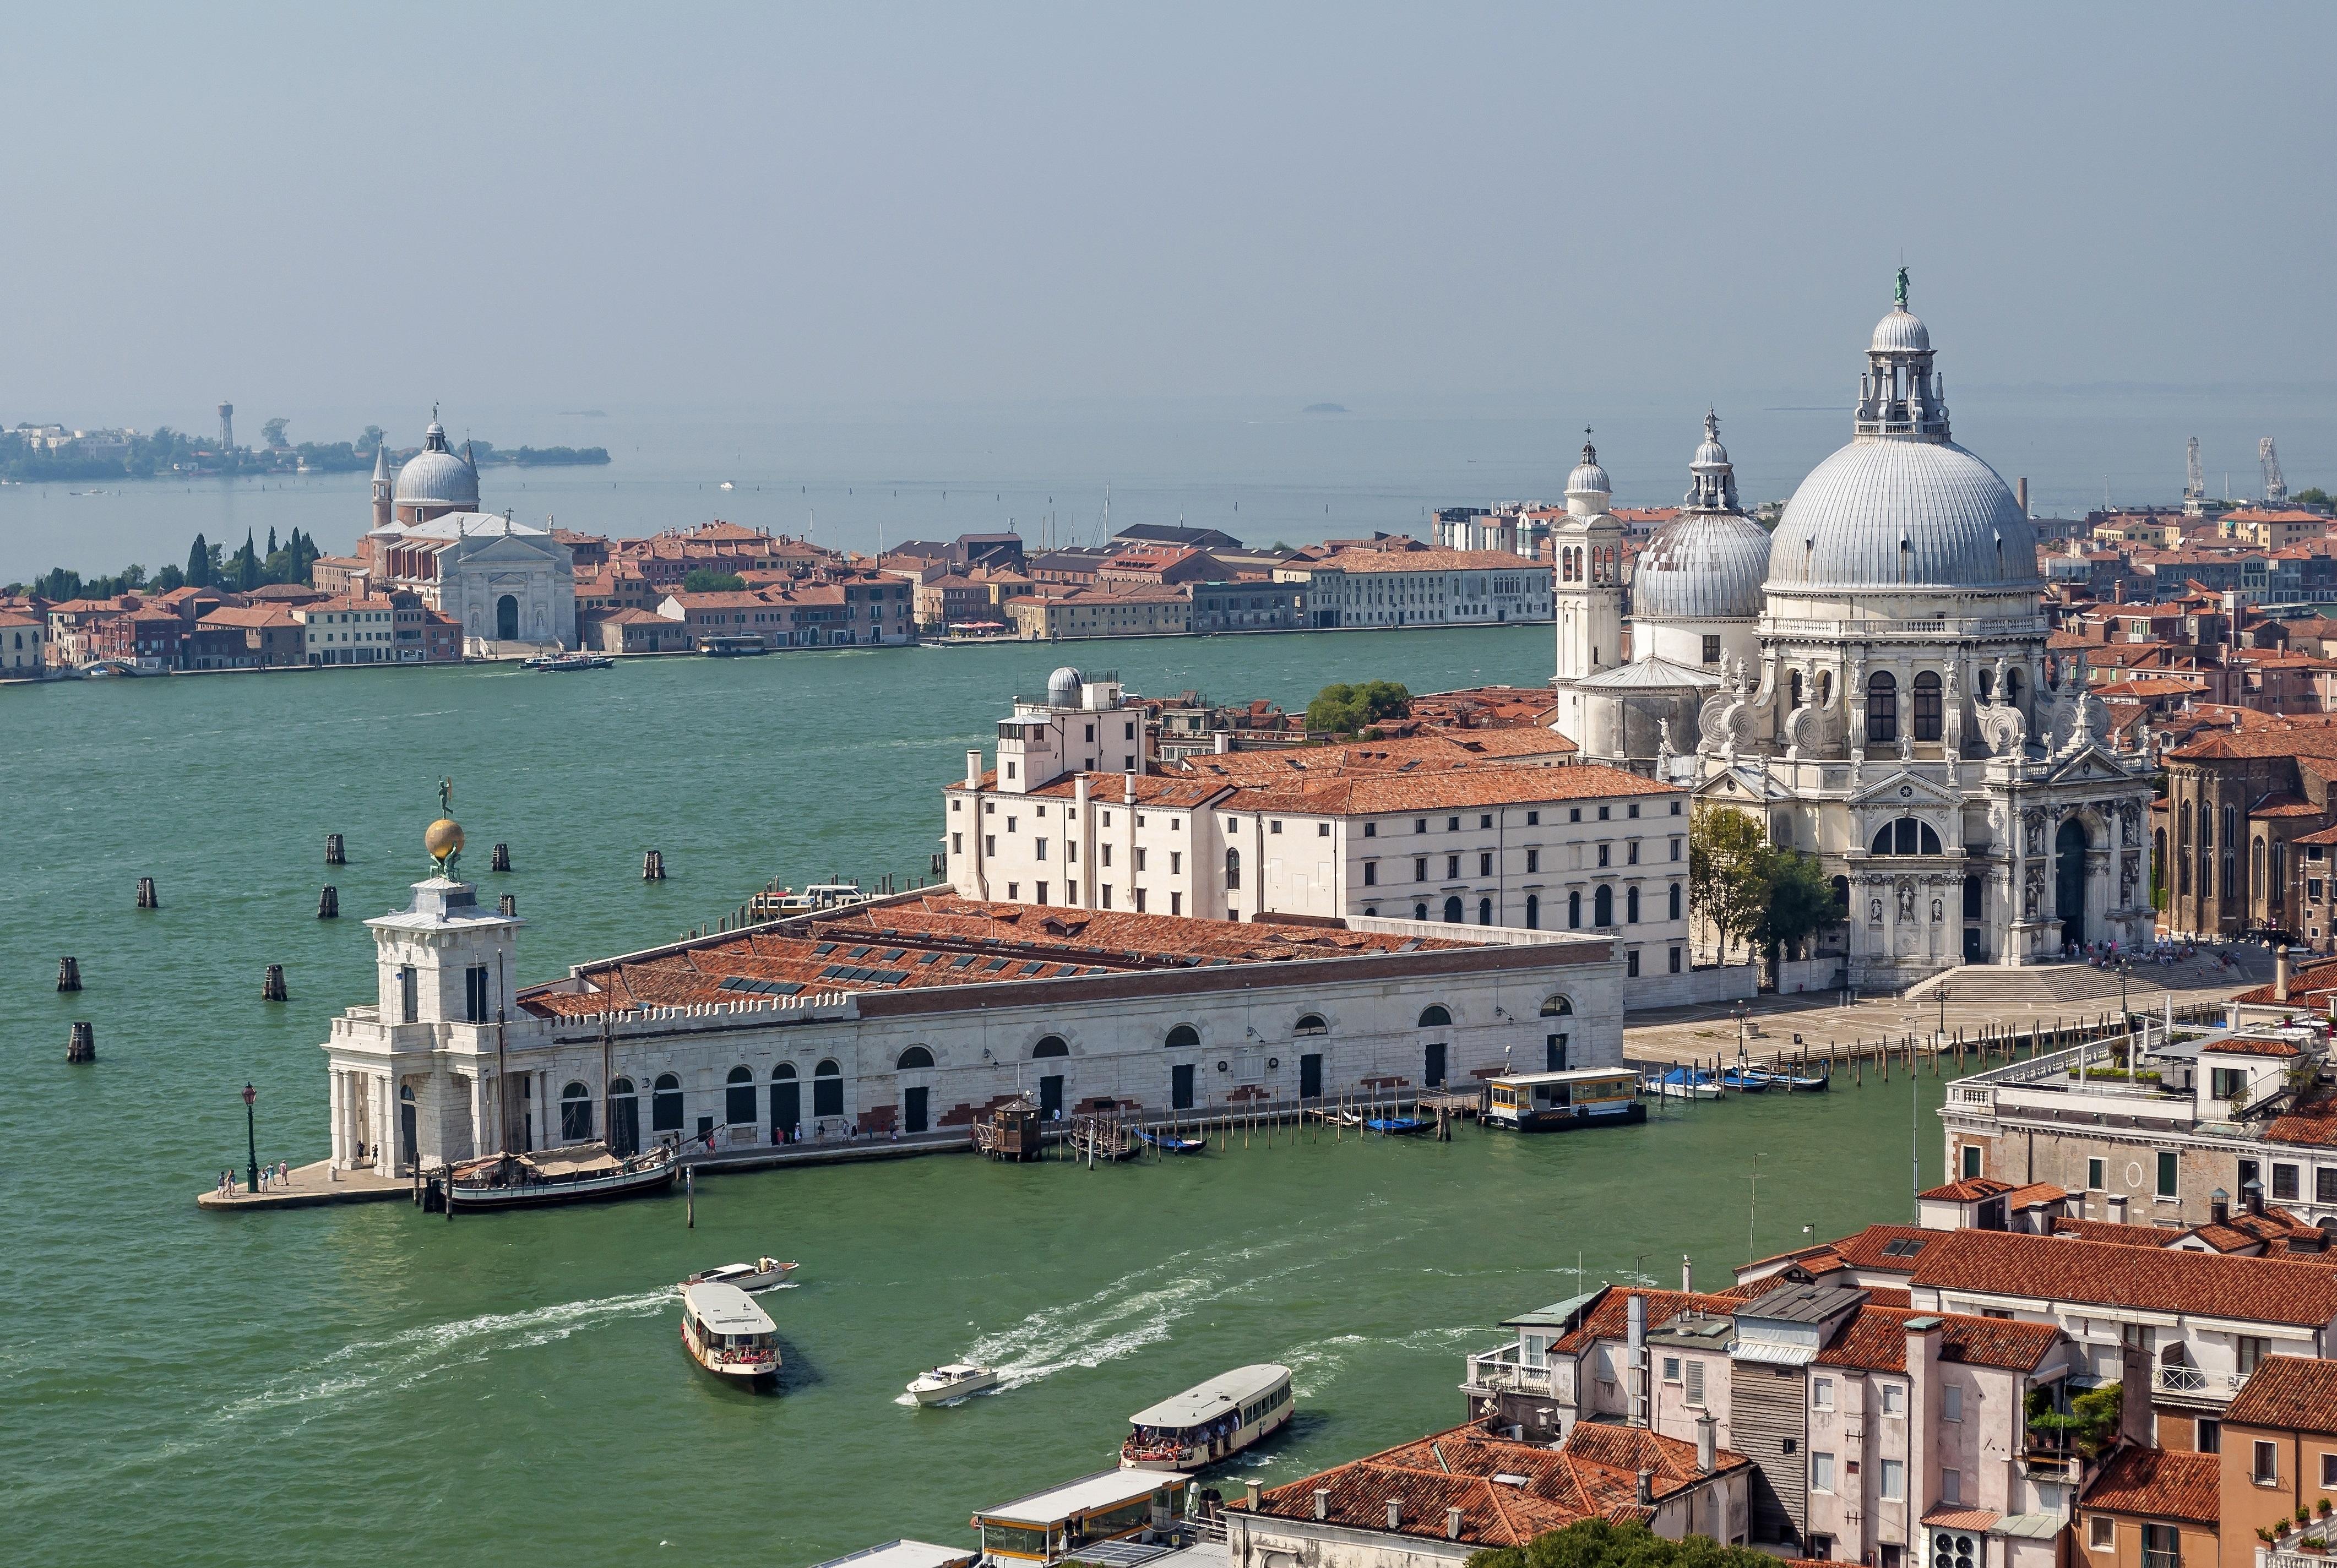 словом картинки на рабочий стол венеция море лучше направленный